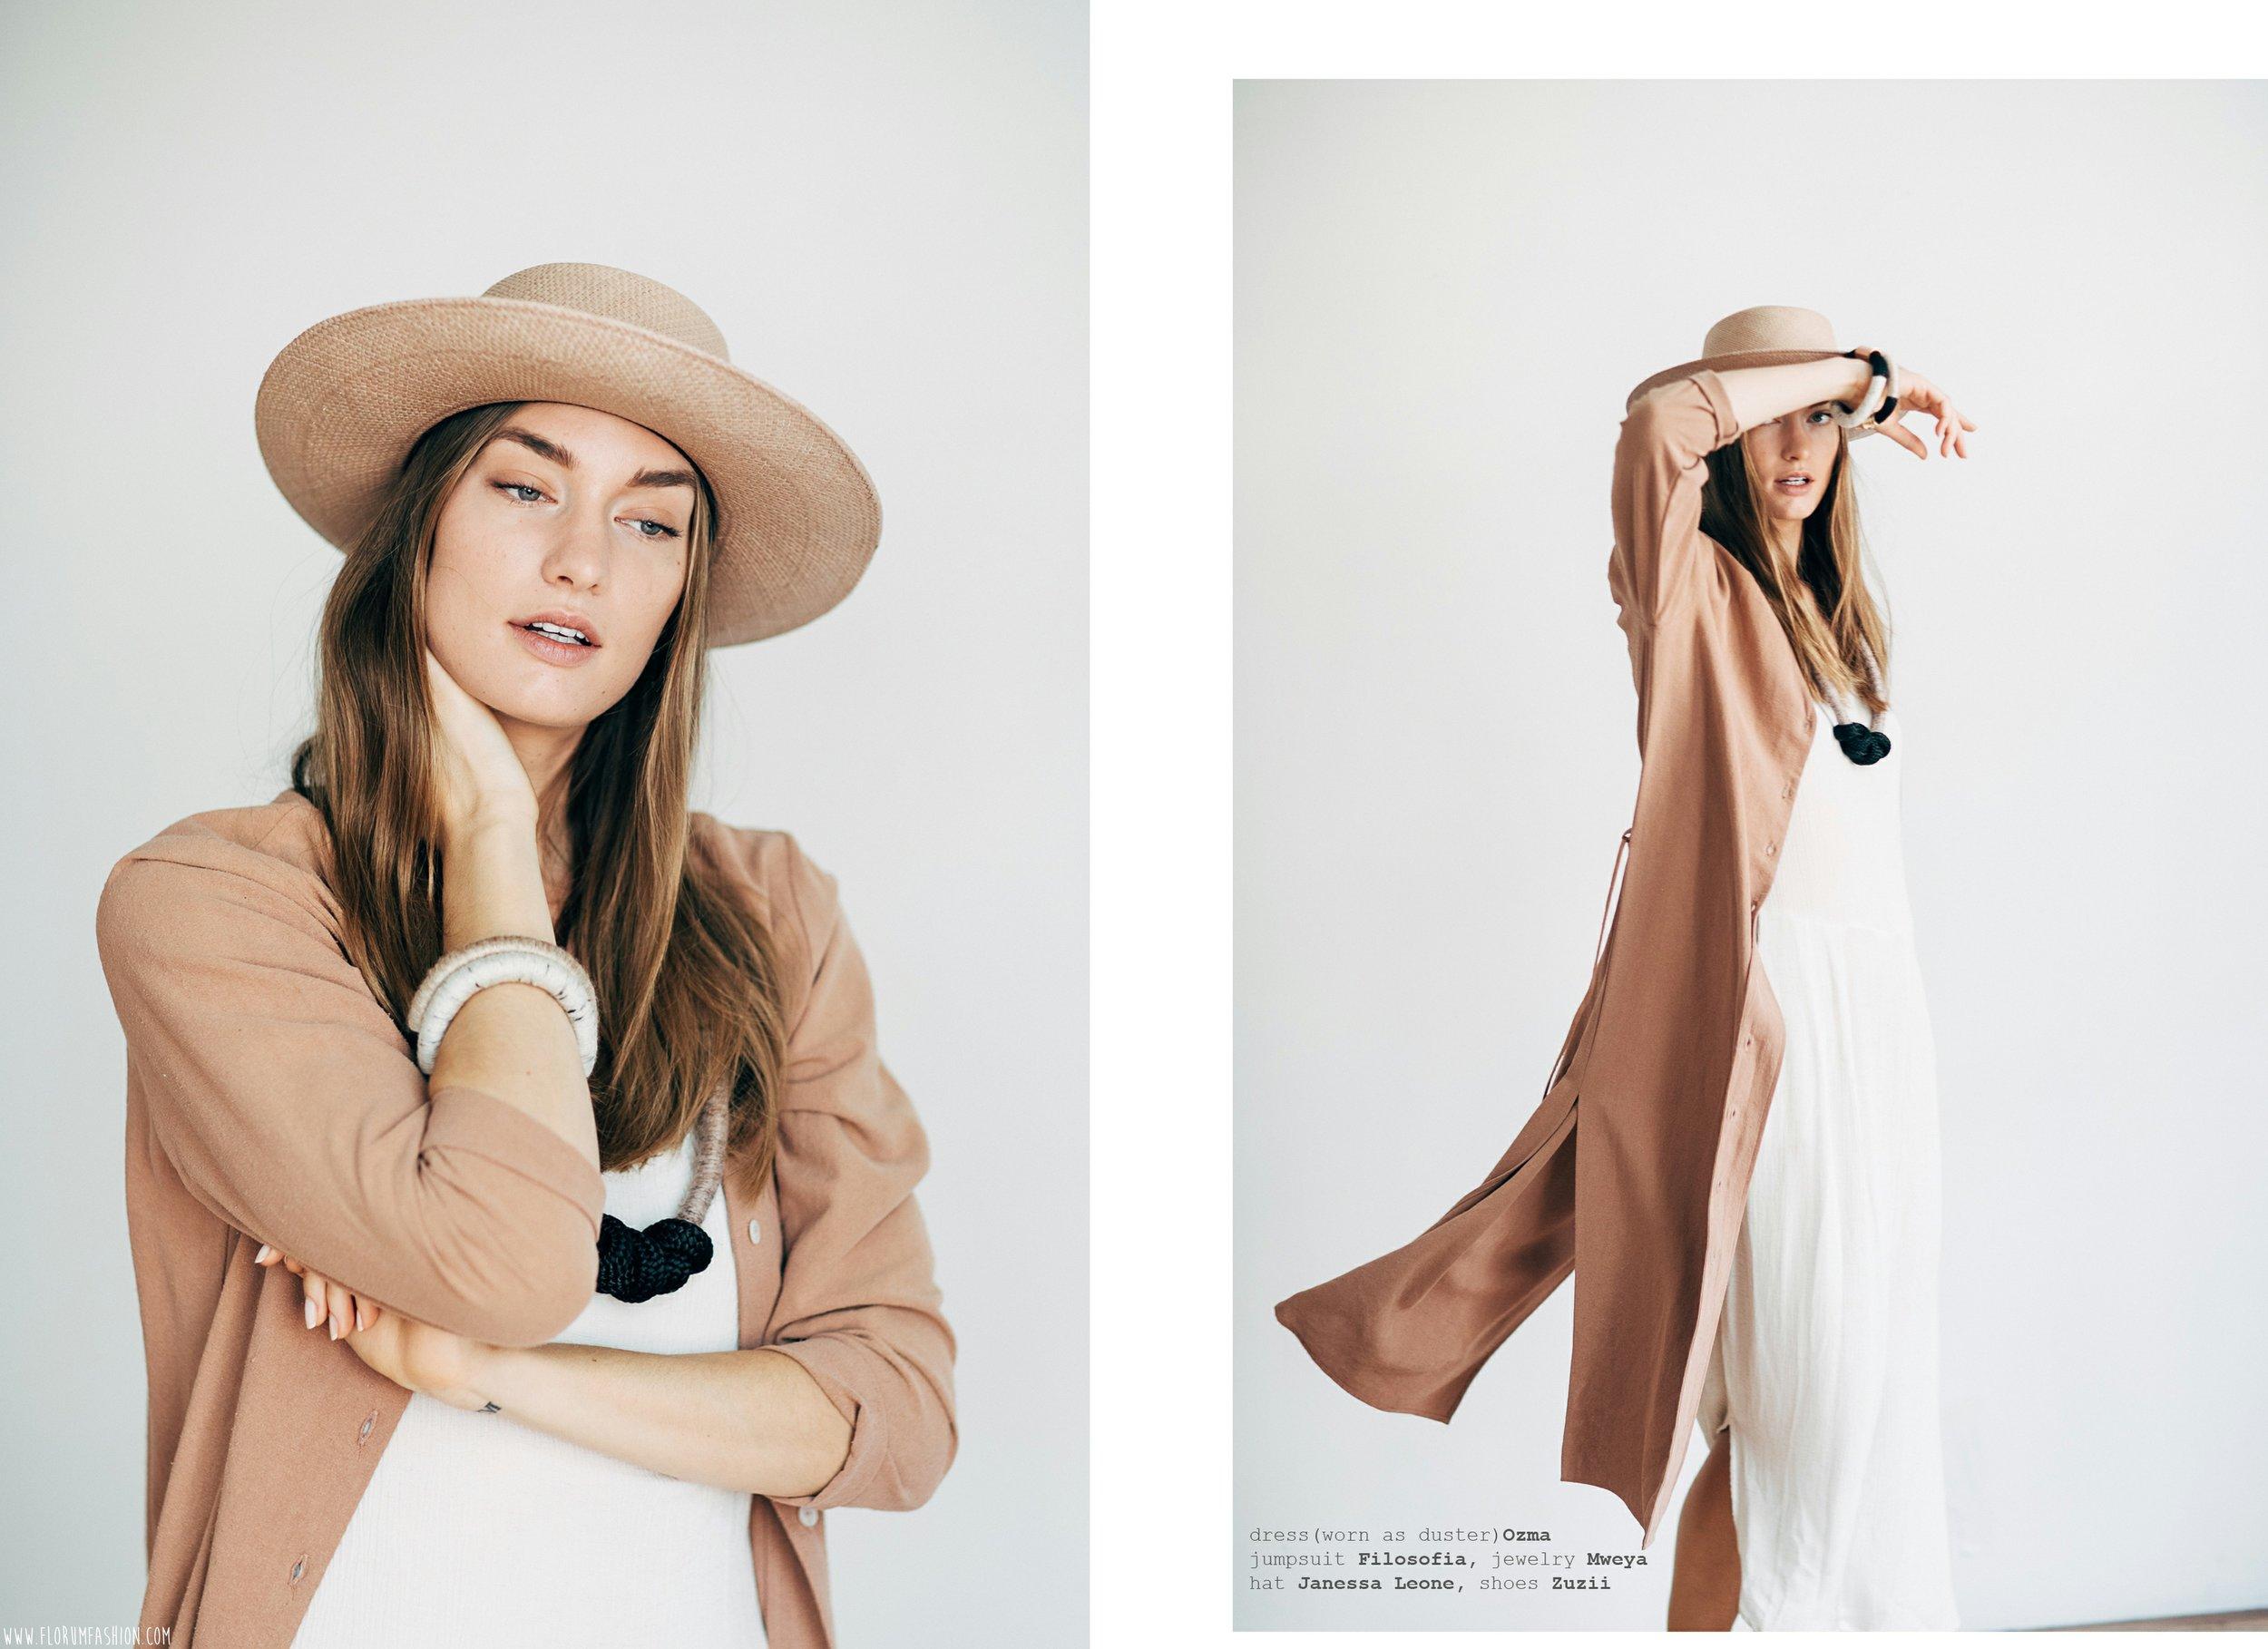 dress (worn as duster)  OZMA  jumpsuit  FILOSOFIA   oxford  ZUZII    jewelry    MWEYA    hat  JANESSA LEONE